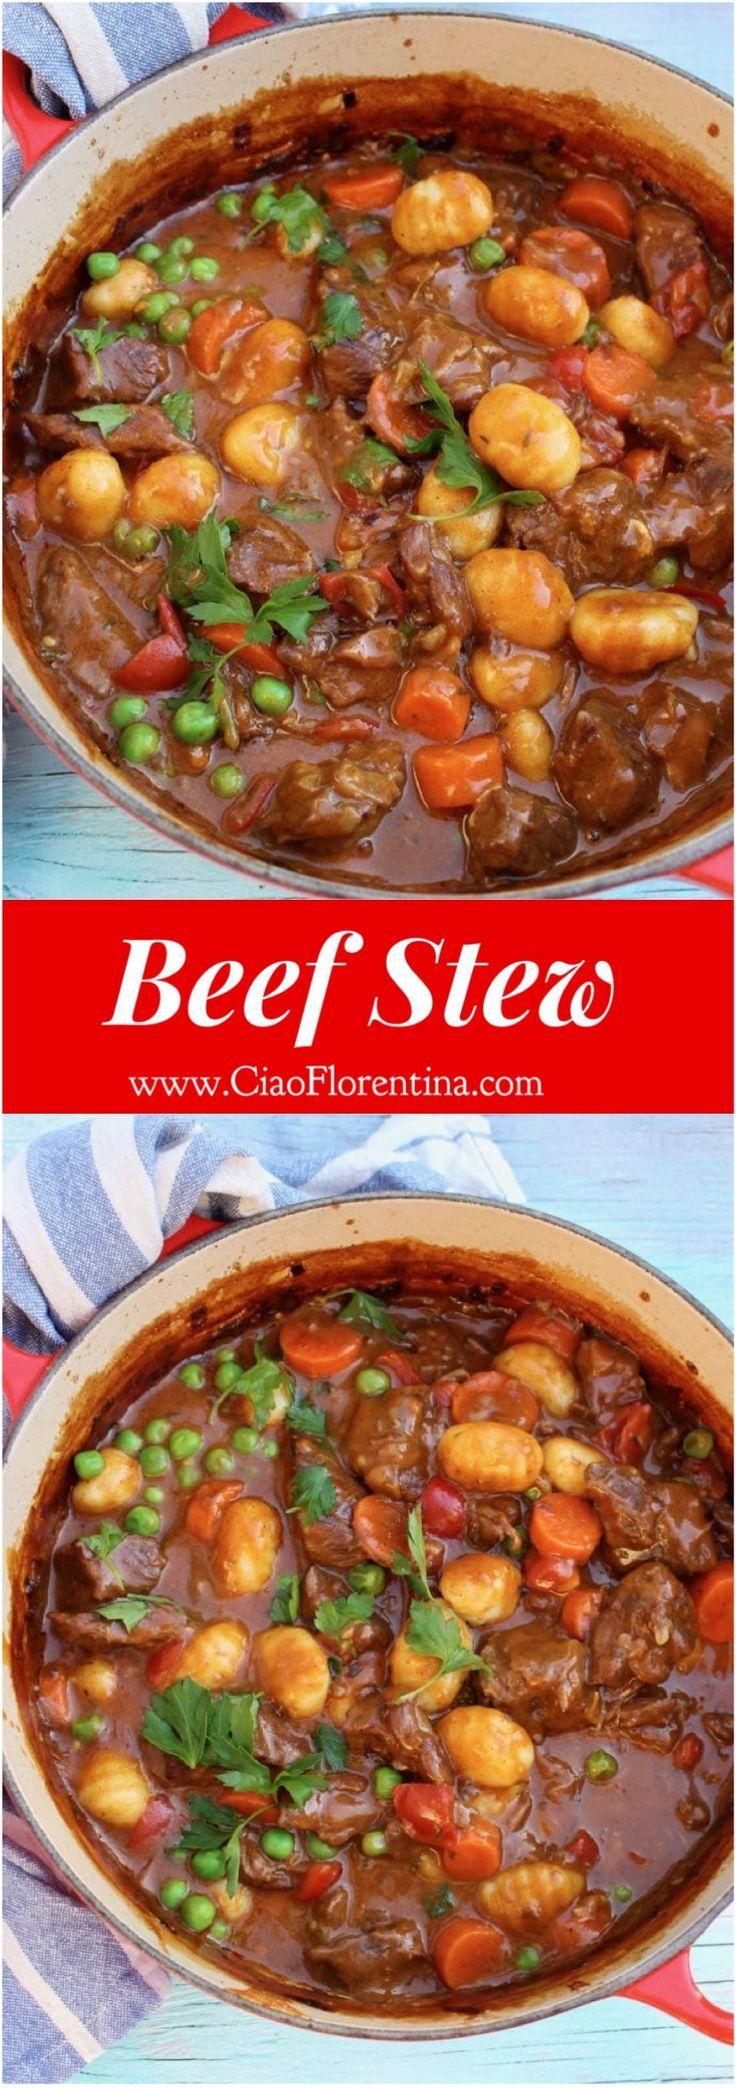 Homemade Beef Stew with Gnocchi Dumplings | CiaoFlorentina.com @CiaoFlorentina